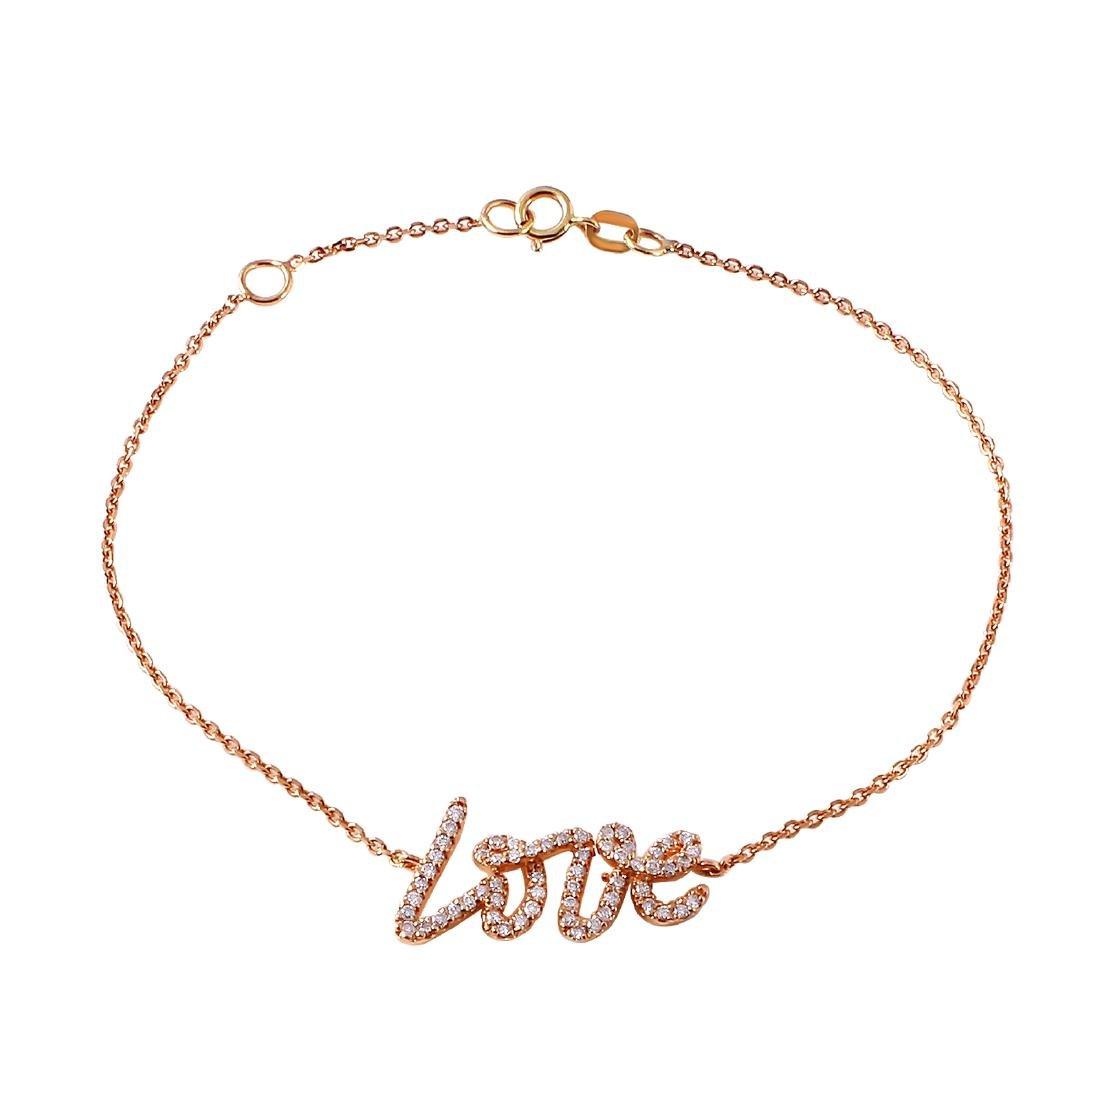 0.31 Carat Natural Diamond 18K Solid Rose Gold Bracelet